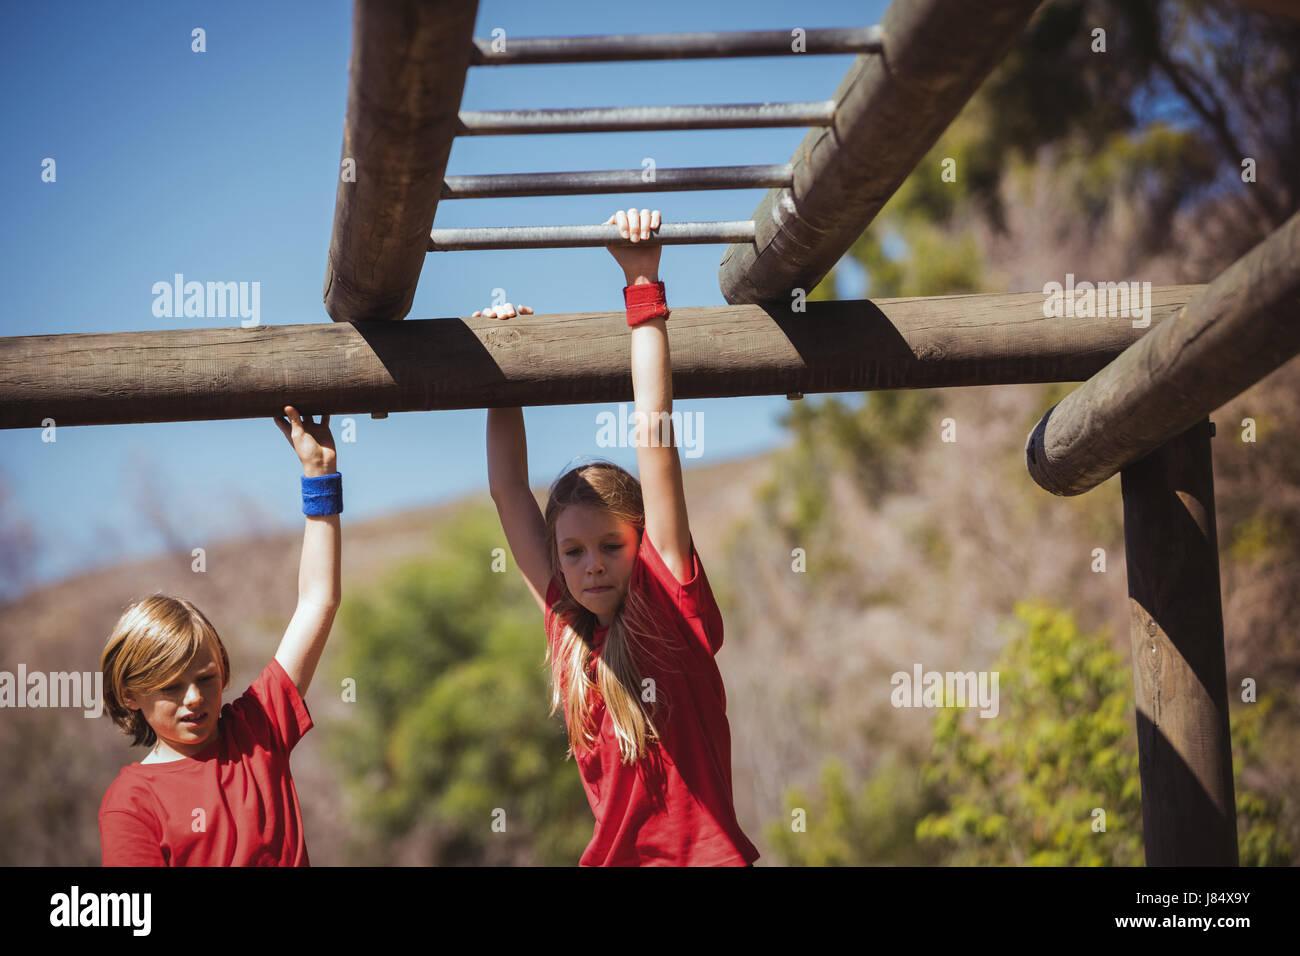 Klettergerüst Boot : Passen sie frau klettern klettergerüst u stockfoto